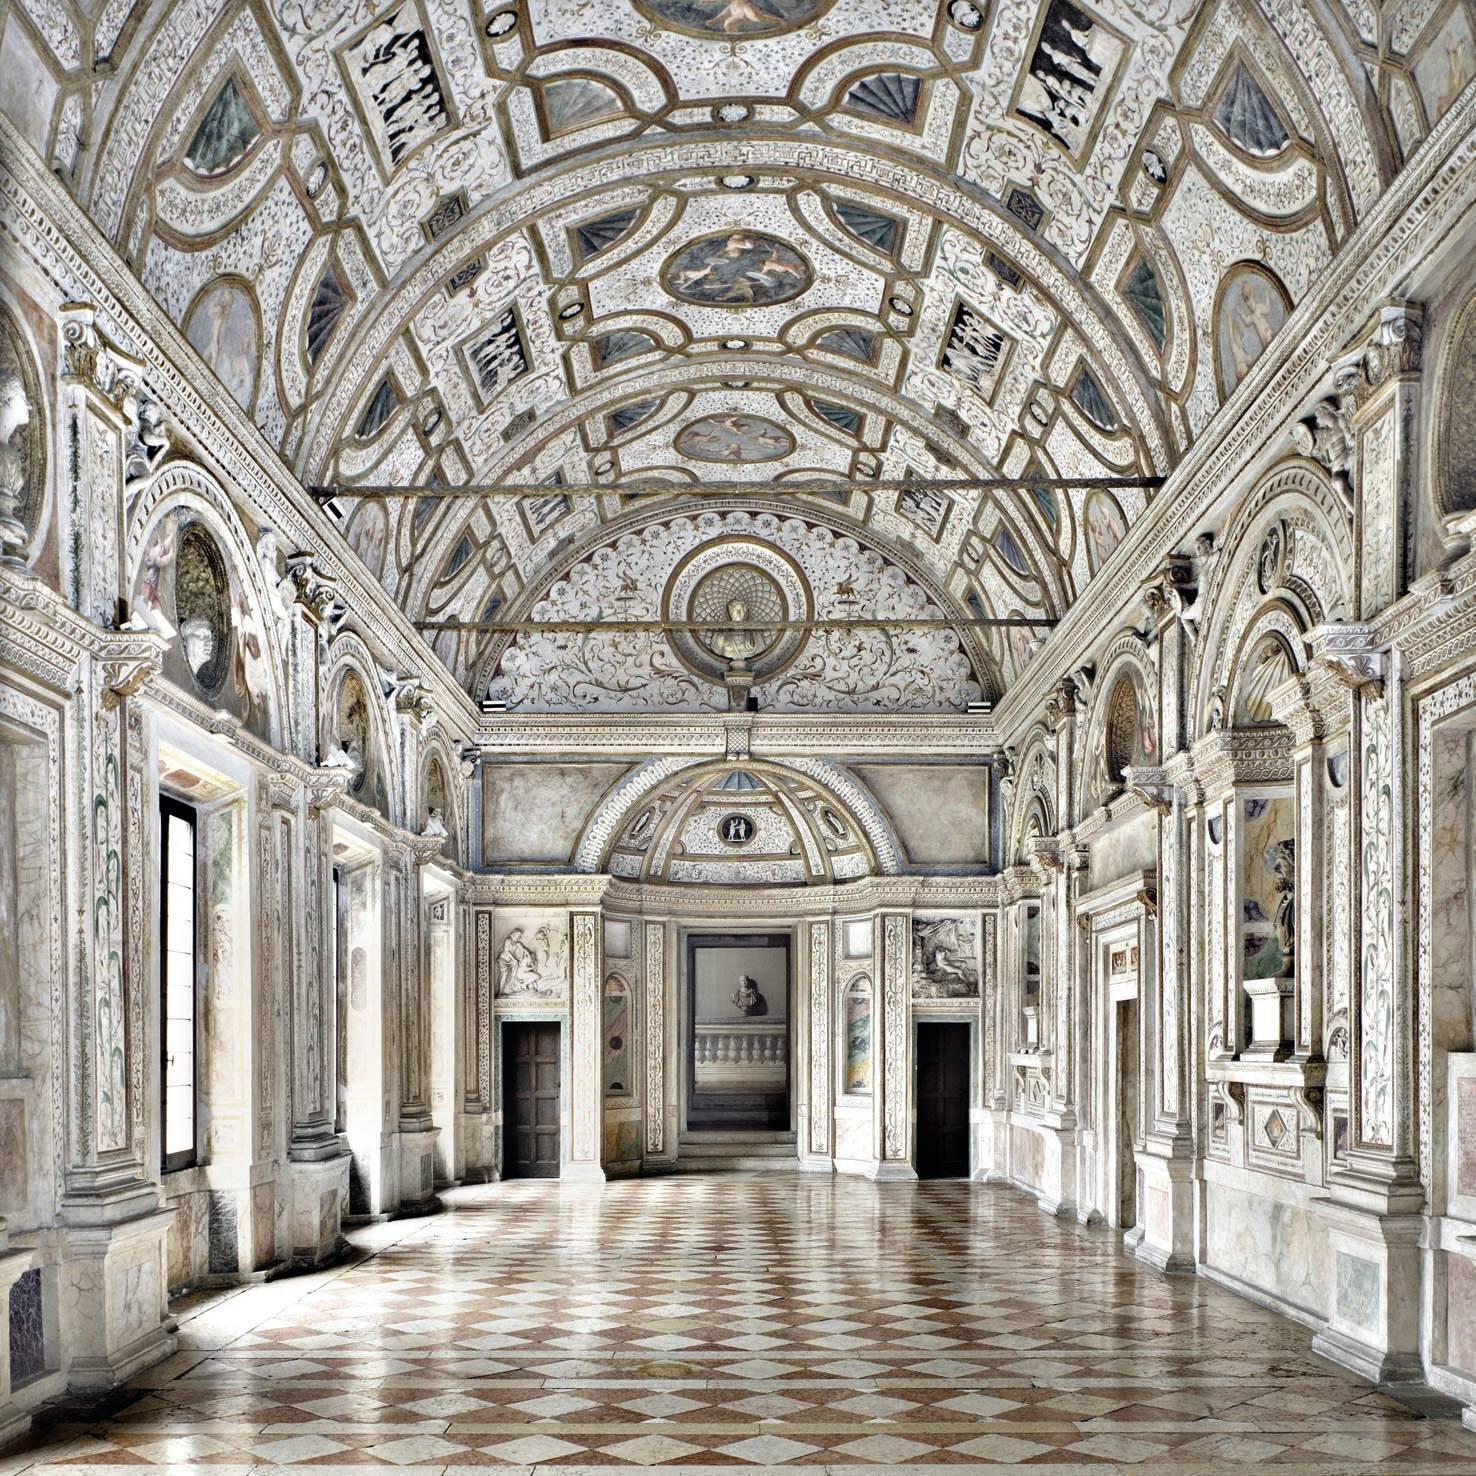 IFAC_Listri_Palazzo_Ducale_a_Mantova_La_galleria_dei_marmi_z.jpg